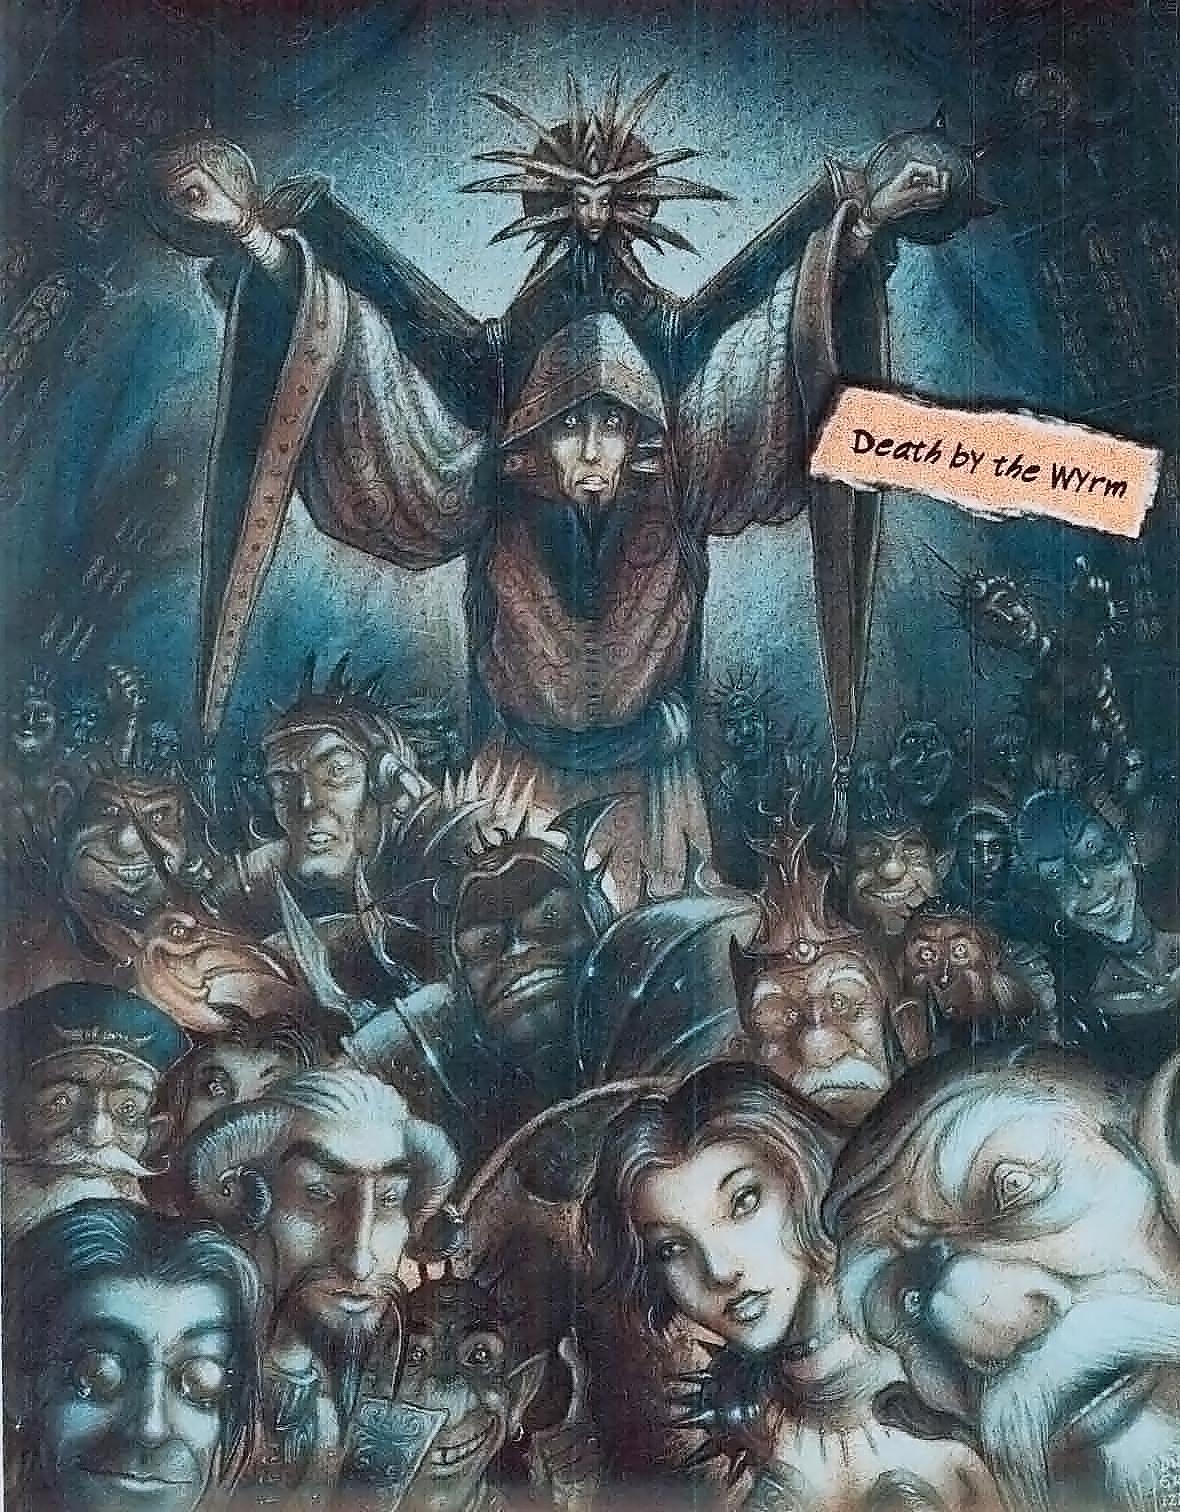 {$tags} Un'esecuzione a Sigil --cibo per il dragone!--.. Nella folla tiefling, bariaur, imp e naturalmente diversi mercykiller - by Tony Diterlizzi TSR - In The Cage, A Guide To Sigil (1995-05) © Wizards of the Coast & Hasbro